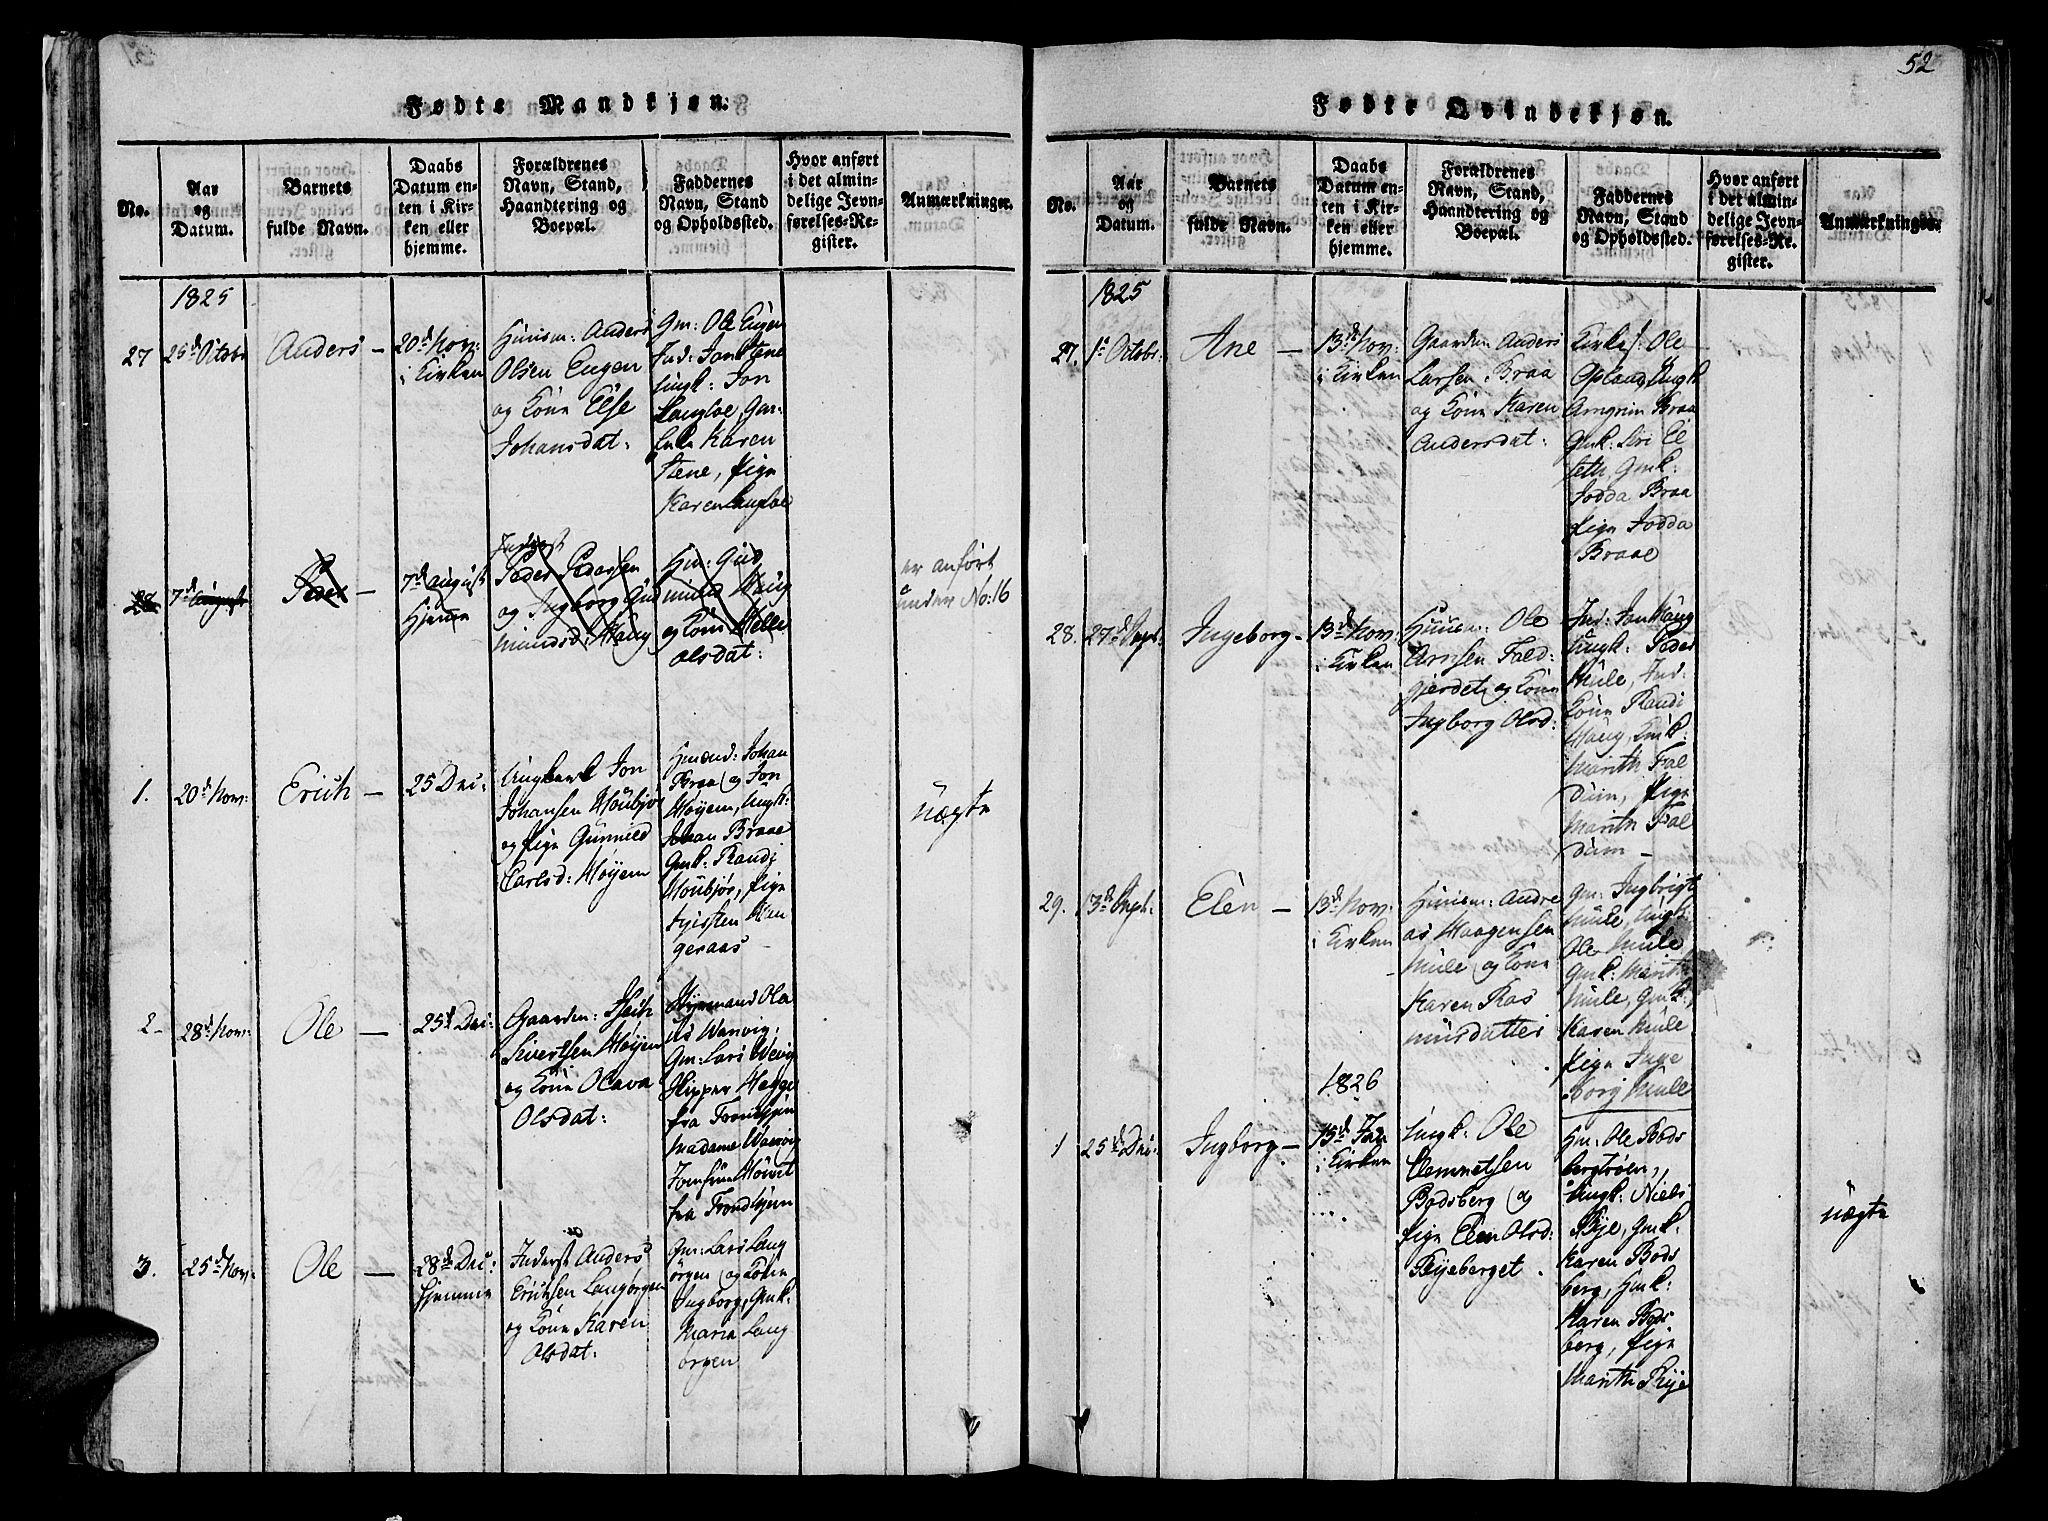 SAT, Ministerialprotokoller, klokkerbøker og fødselsregistre - Sør-Trøndelag, 612/L0372: Ministerialbok nr. 612A06 /1, 1816-1828, s. 52